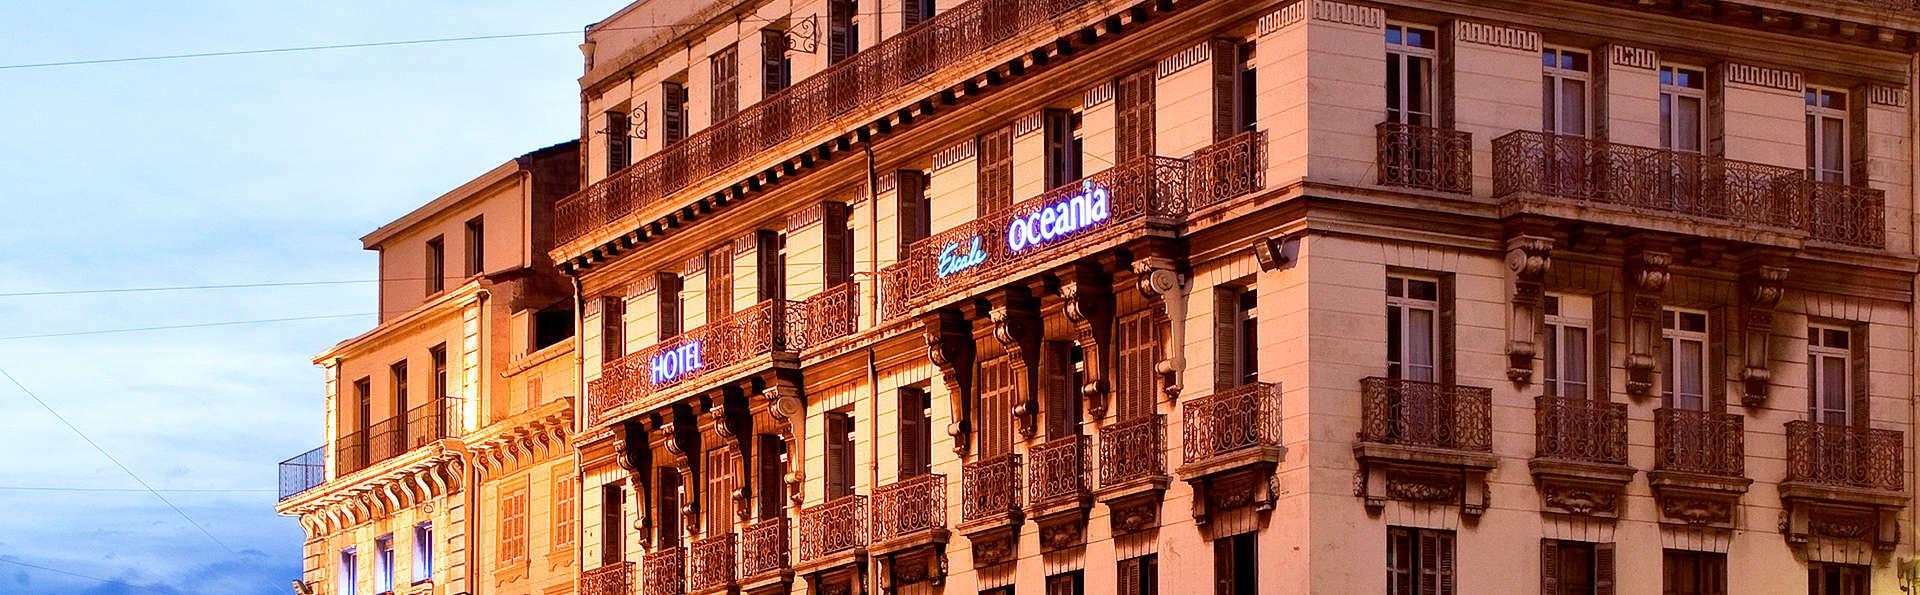 Escale Oceania Marseille Vieux Port - Edit_Front.jpg